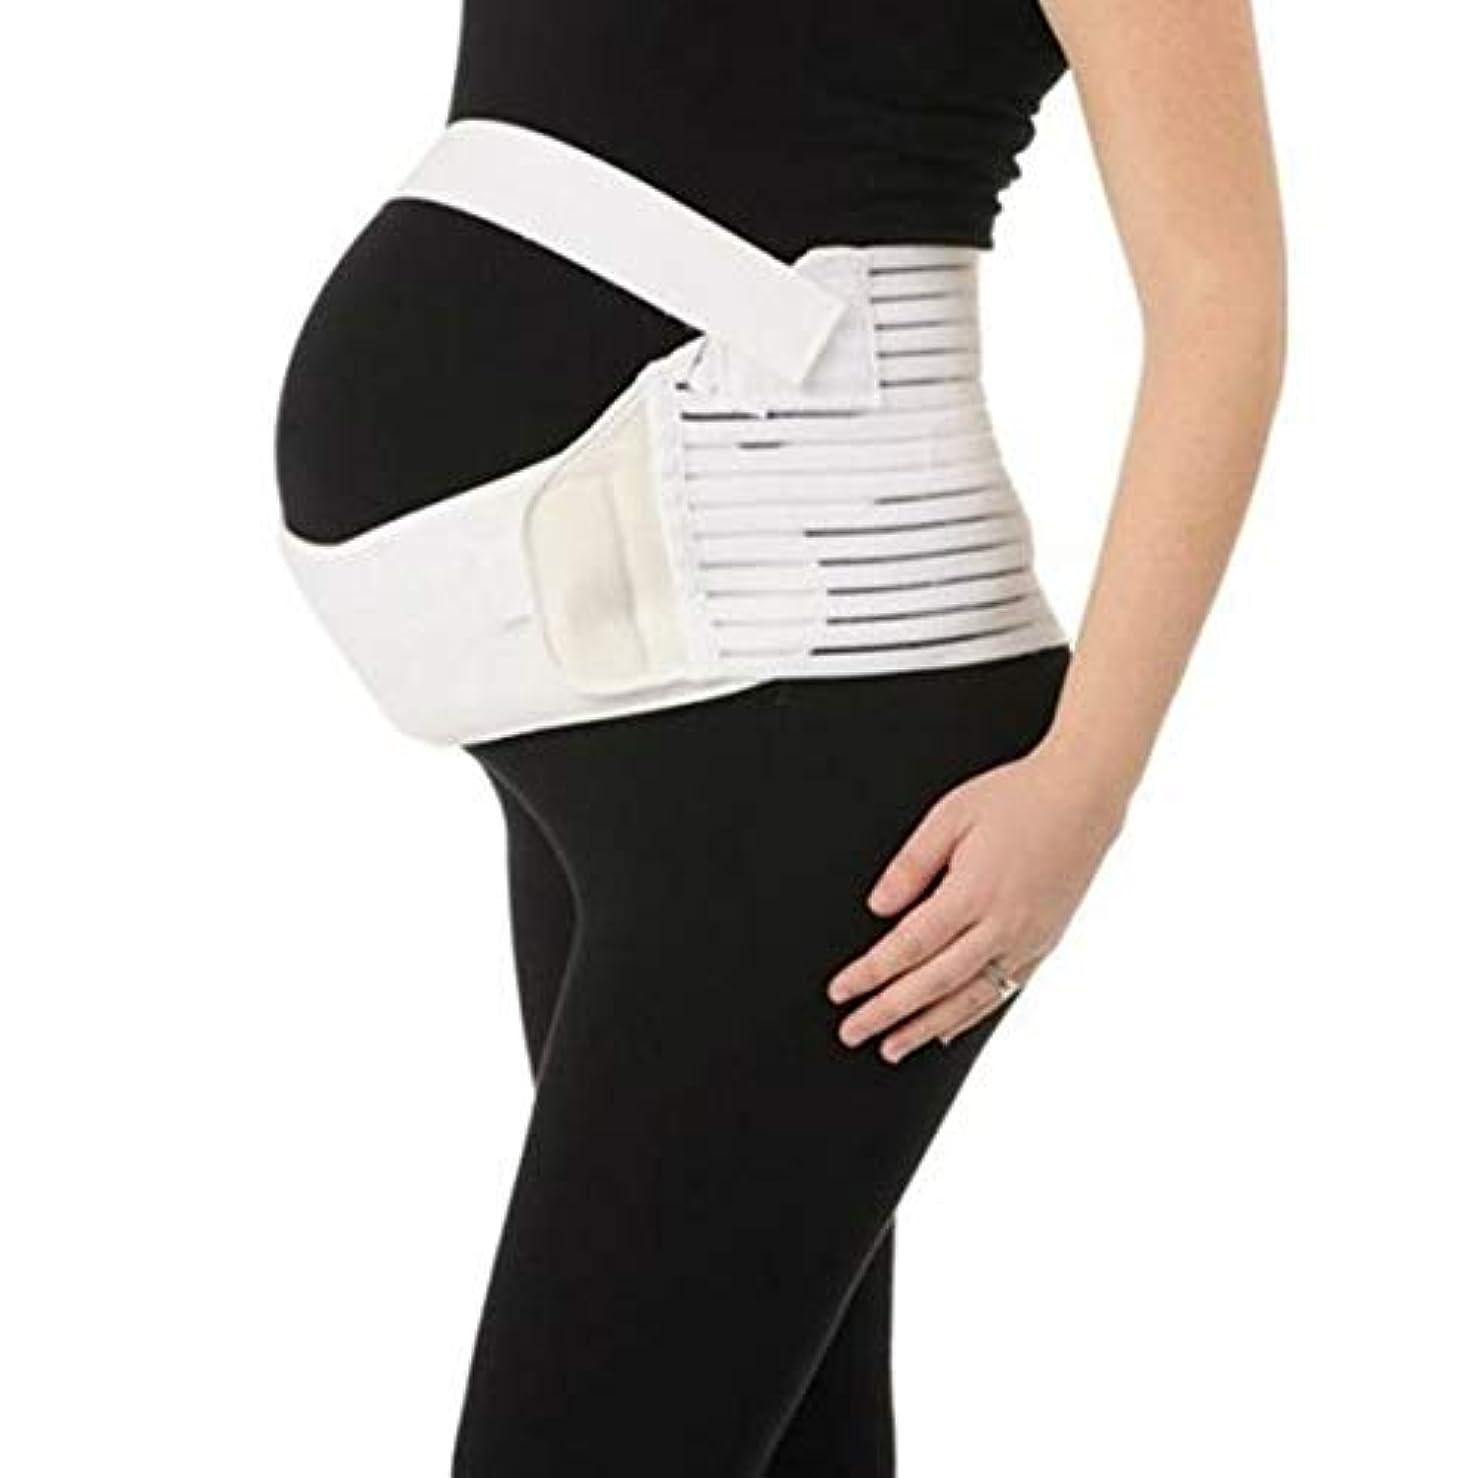 セントベッドを作るアルバム通気性マタニティベルト妊娠腹部サポート腹部バインダーガードル運動包帯産後の回復shapewear - ホワイトL